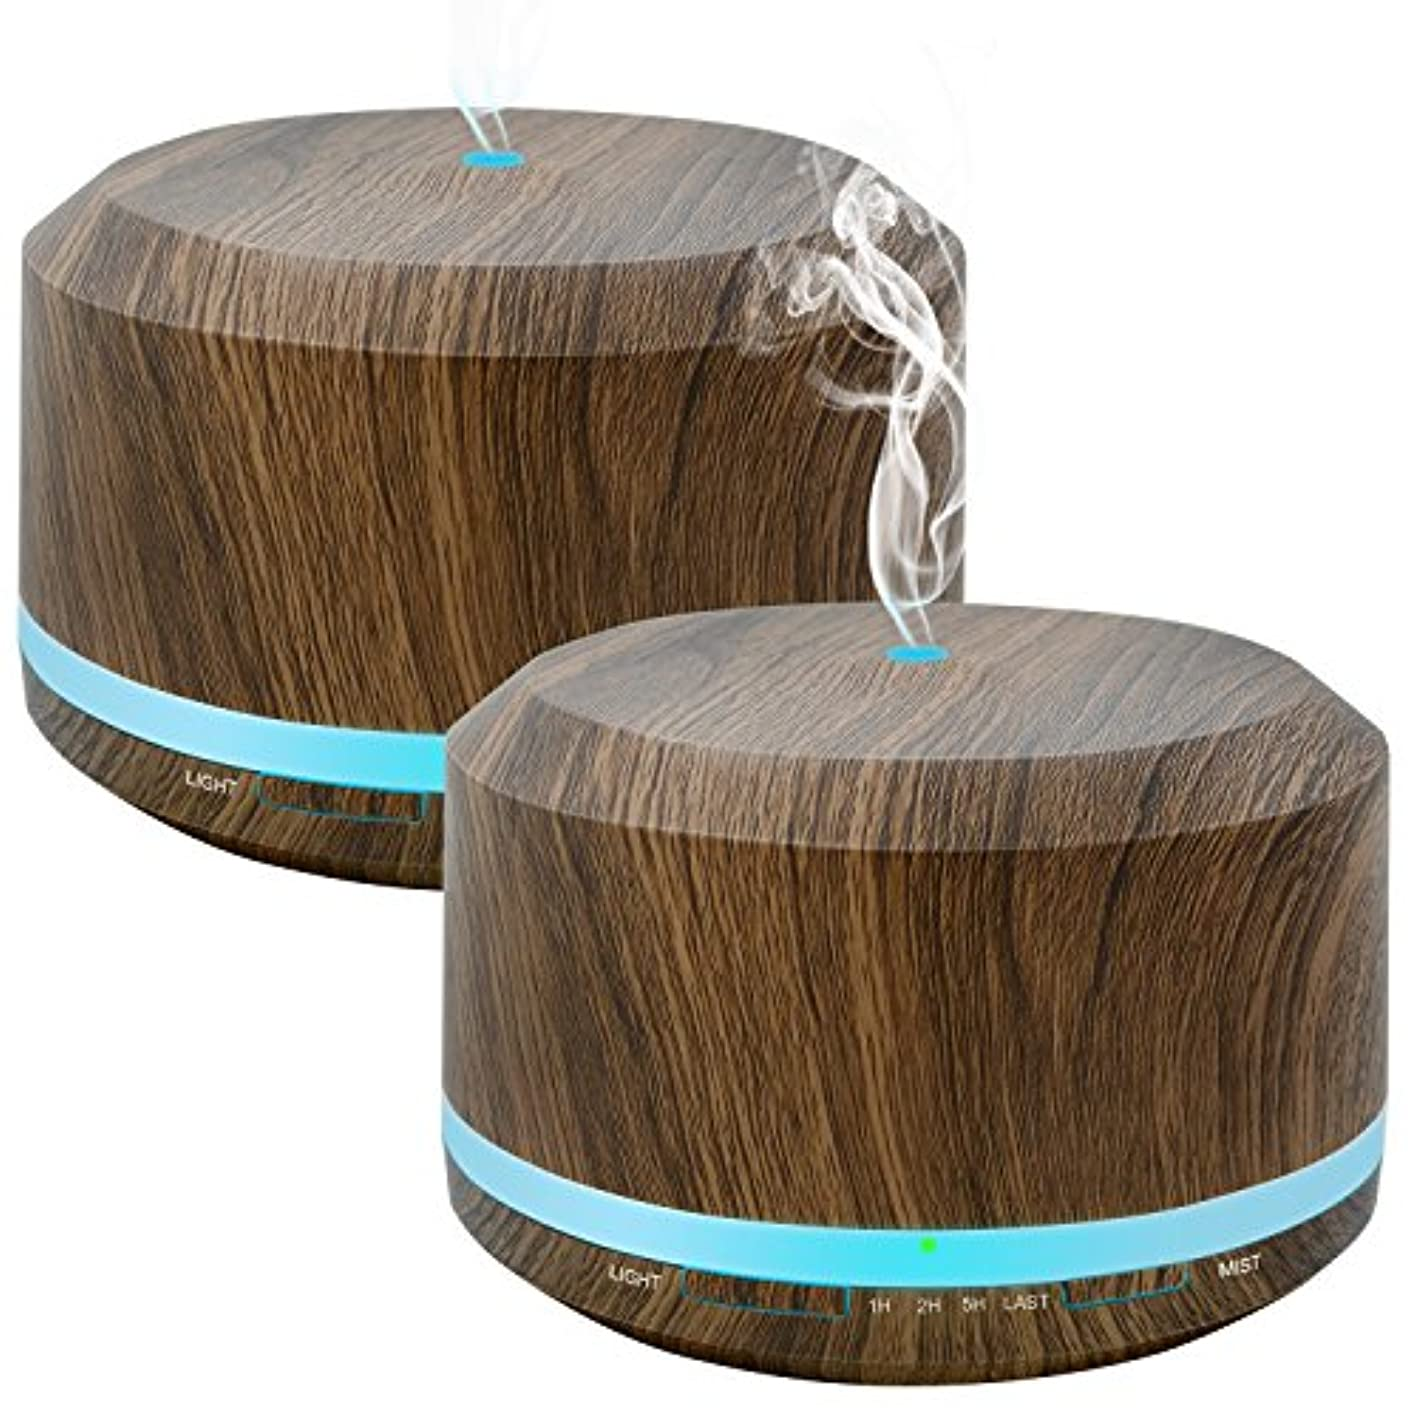 くマイコンオセアニアDoukedge エッセンシャルオイル 用 450ミリリットルディフューザーにより自宅寝室オフィス用 ライトを変更する8色 2パック木目アロマクールミスト加湿器ディフューザー